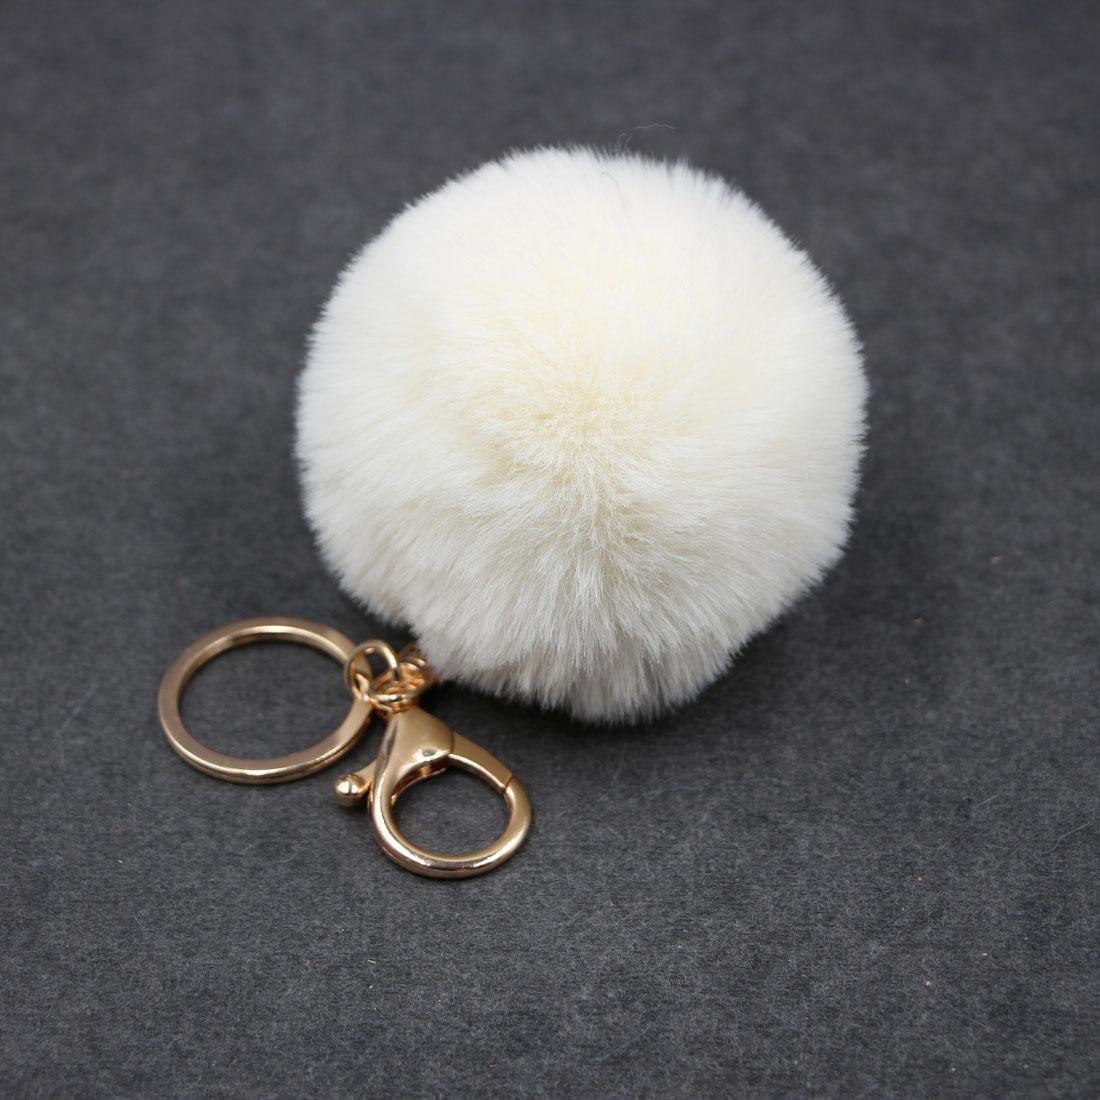 LLavero de pompón de pelo bulbo de pelo de conejo grande de 8CM de piel sintética bolso Pom BOLA DE pompón colgante de llavero Porte Clef para mujeres encantador mullido